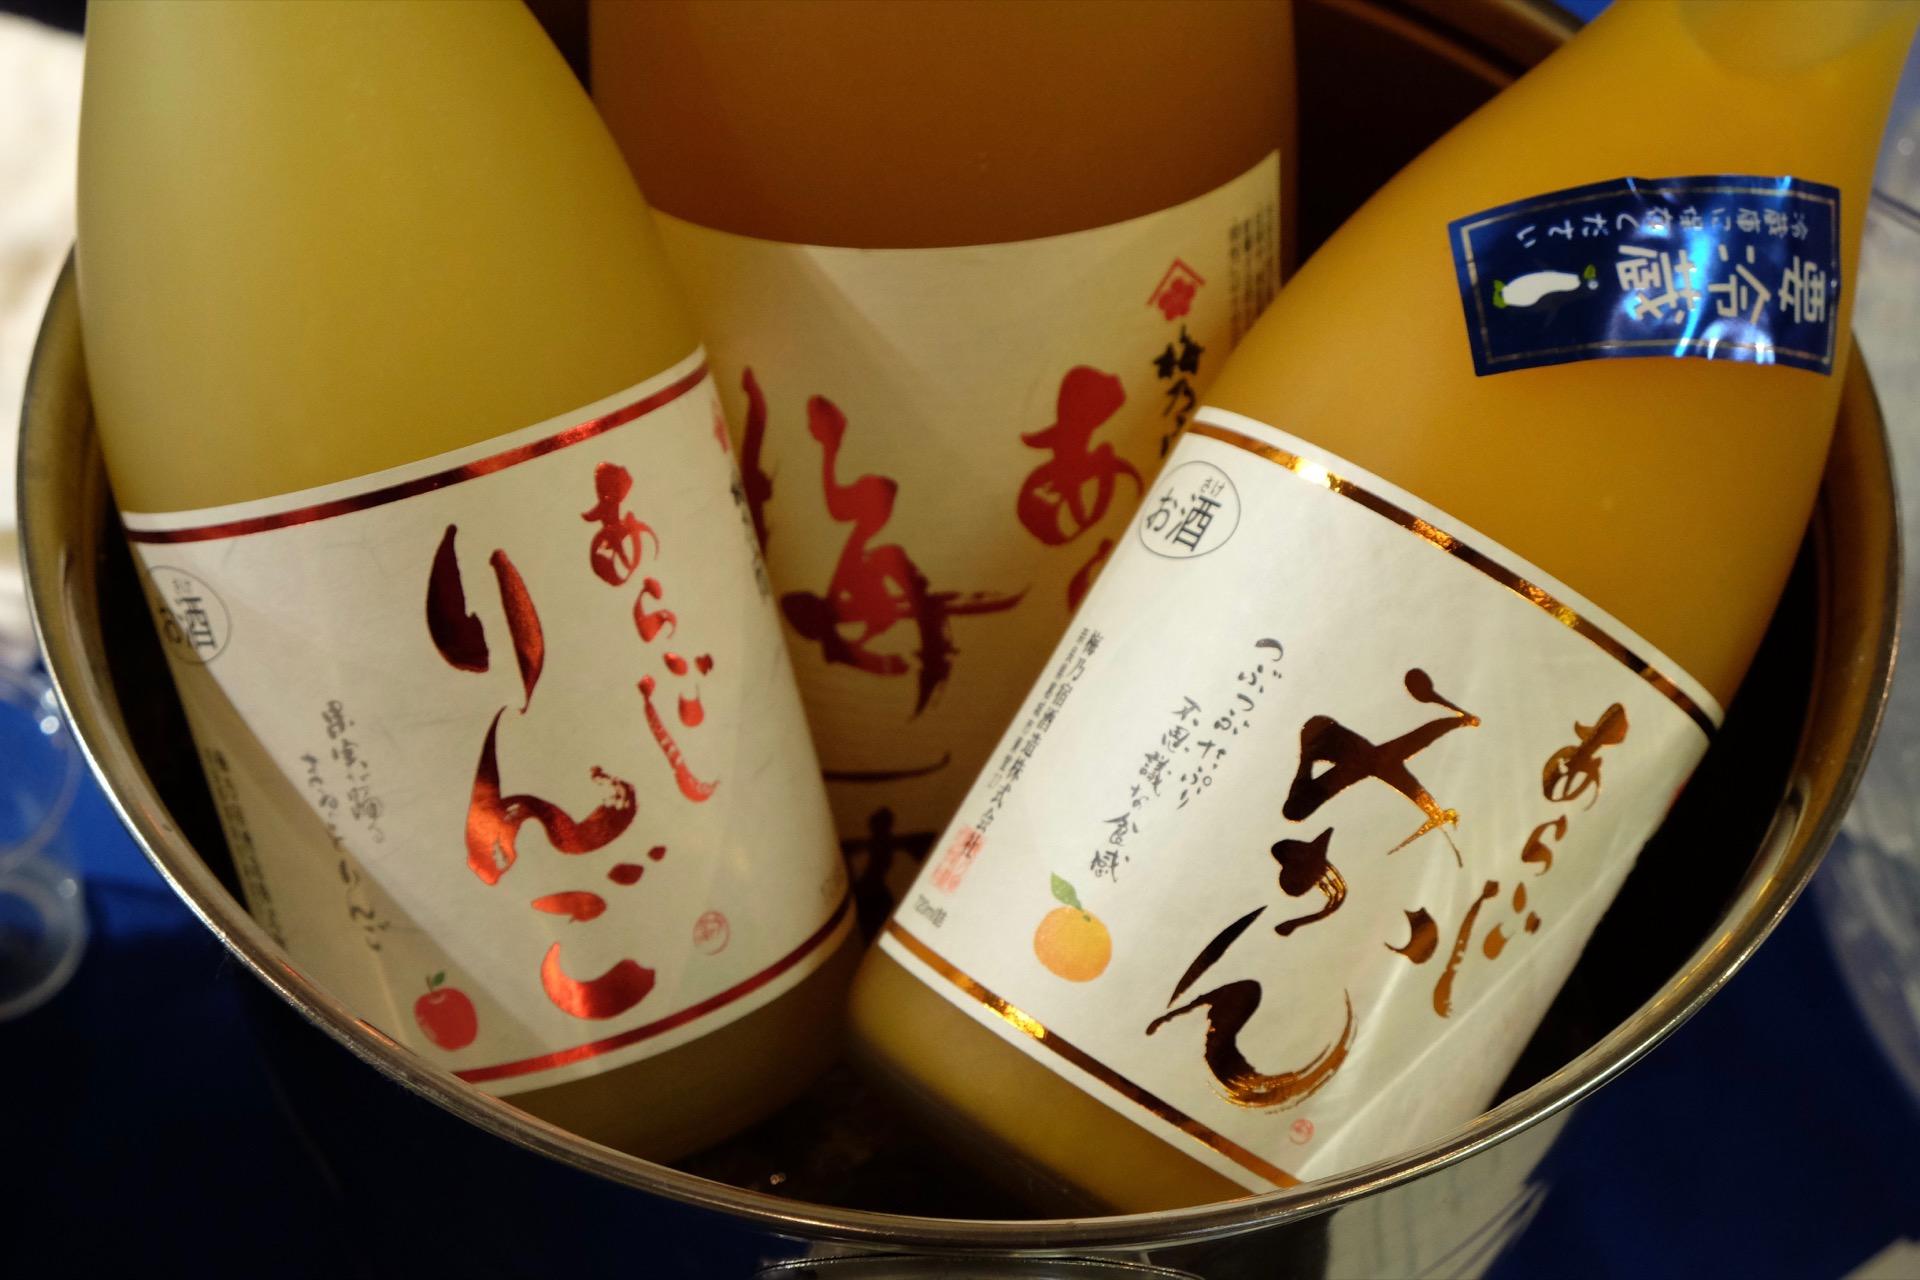 梅乃宿の和リキュールを飲み比べ|FRUIT SAKE Party